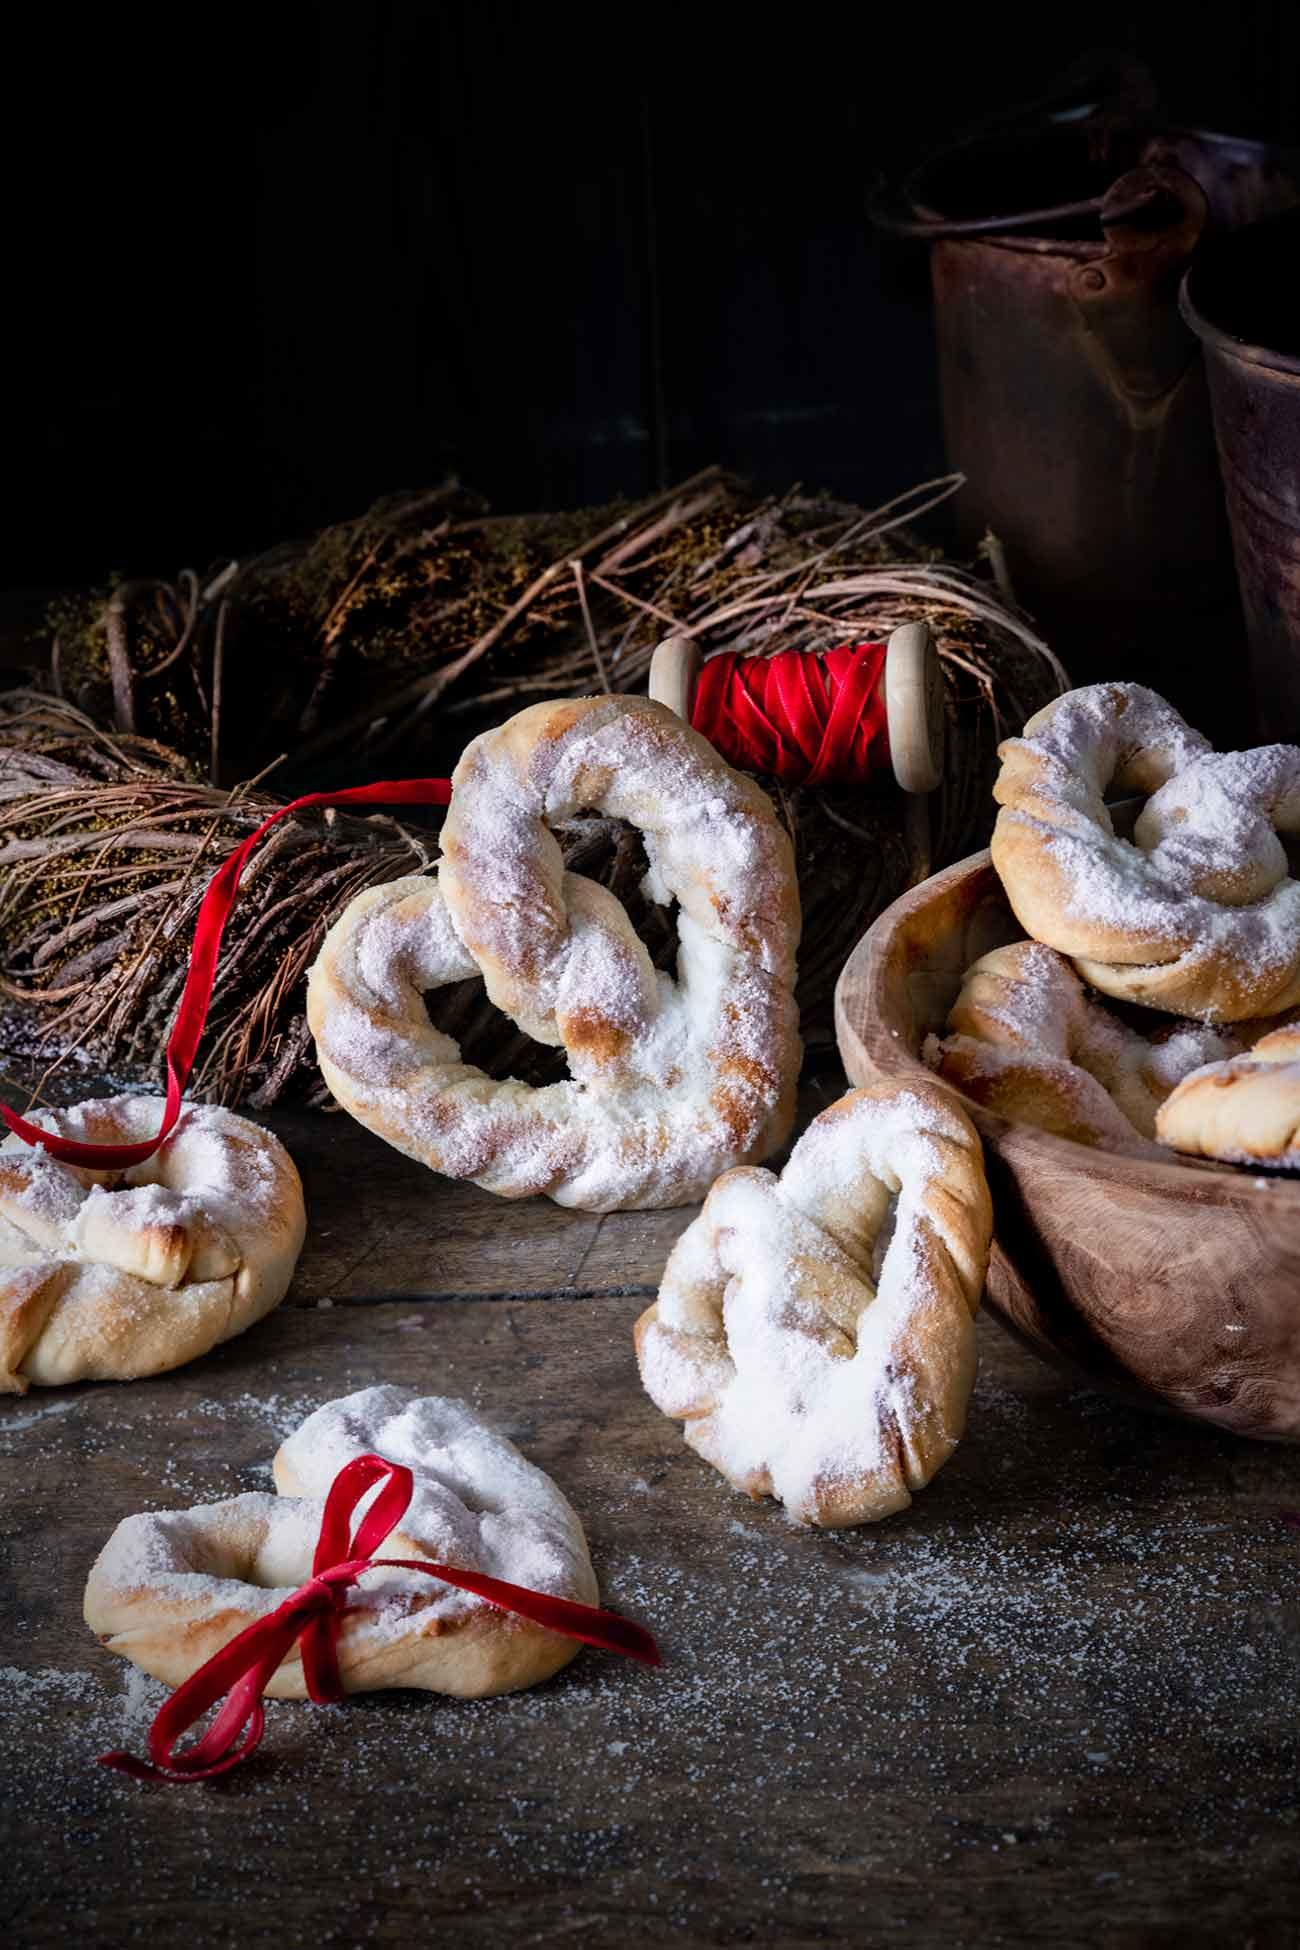 """Vorbei mit all den Weihnachtsleckereien wie Spekulatius, Lebkuchen und Christstollen. Es geht mit großen Schritten auf das neue Jahr zu und ich habe in Gedanken schon die Weihnachtsdekoration entfernt und so viele tolle Rezepte für das nächste Jahr im Kopf, dass ich es schon kaum noch aushalten kann. Aber jetzt zu den kleinen Herz-Bretzeln, die sich auch als kleines """"Neujahrs""""-Geschenk eignen. Ich habe nicht gewusst, wie lecker ganz einfache Vanille-Brezeln sein können, bis ich diese gemacht habe. Vanille und Hefe sind ein unschlagbares Team. Ich hab sie lauwarm gegessen (war klar, oder?) – ein Knaller."""